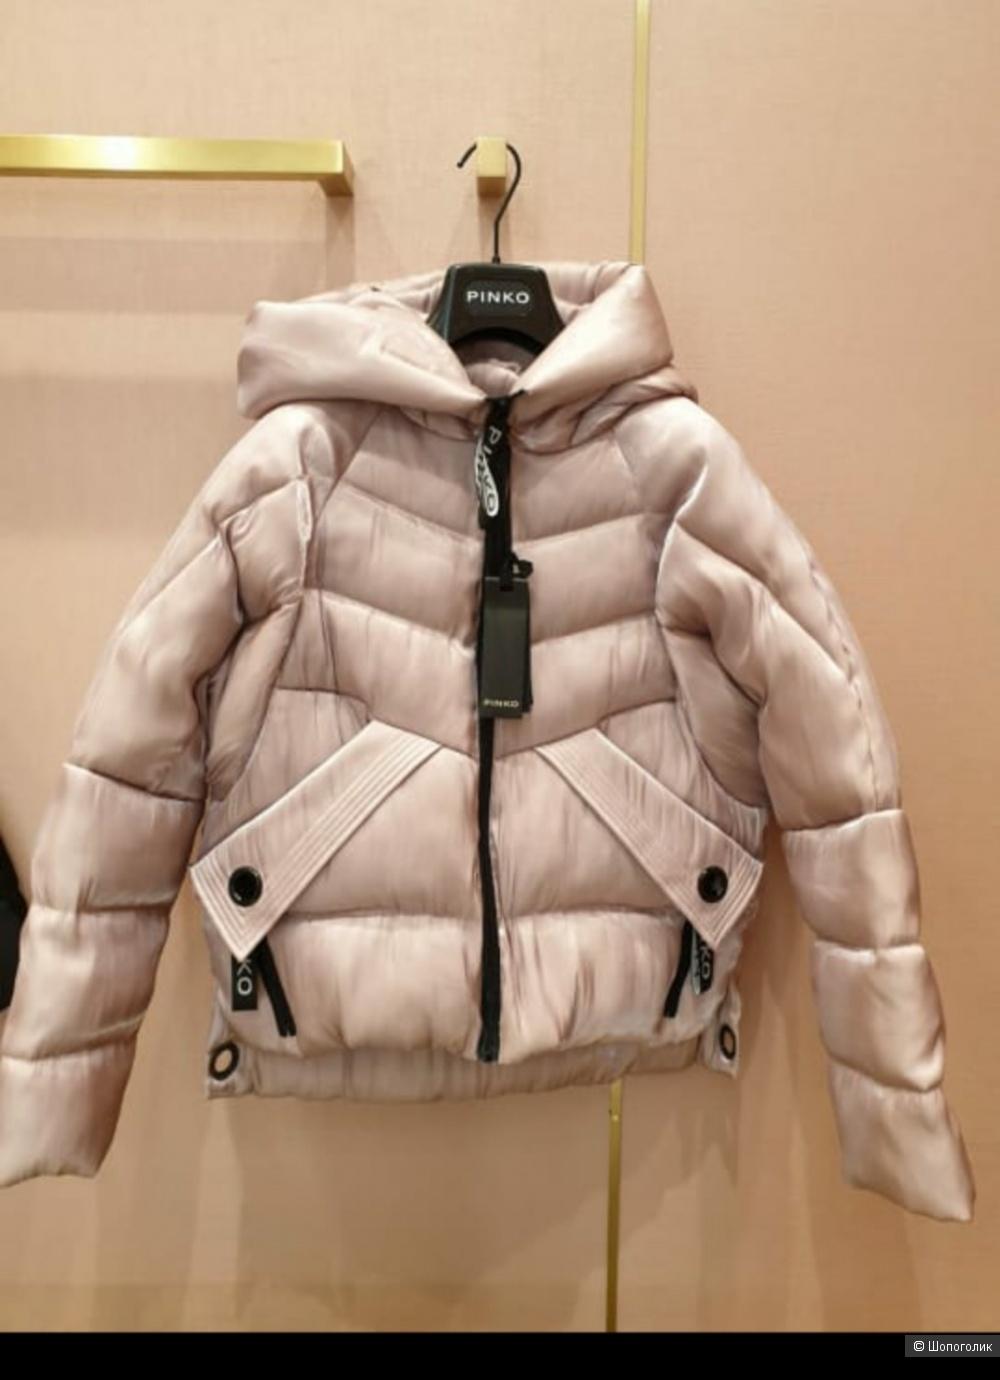 Куртка pinko 46 размер